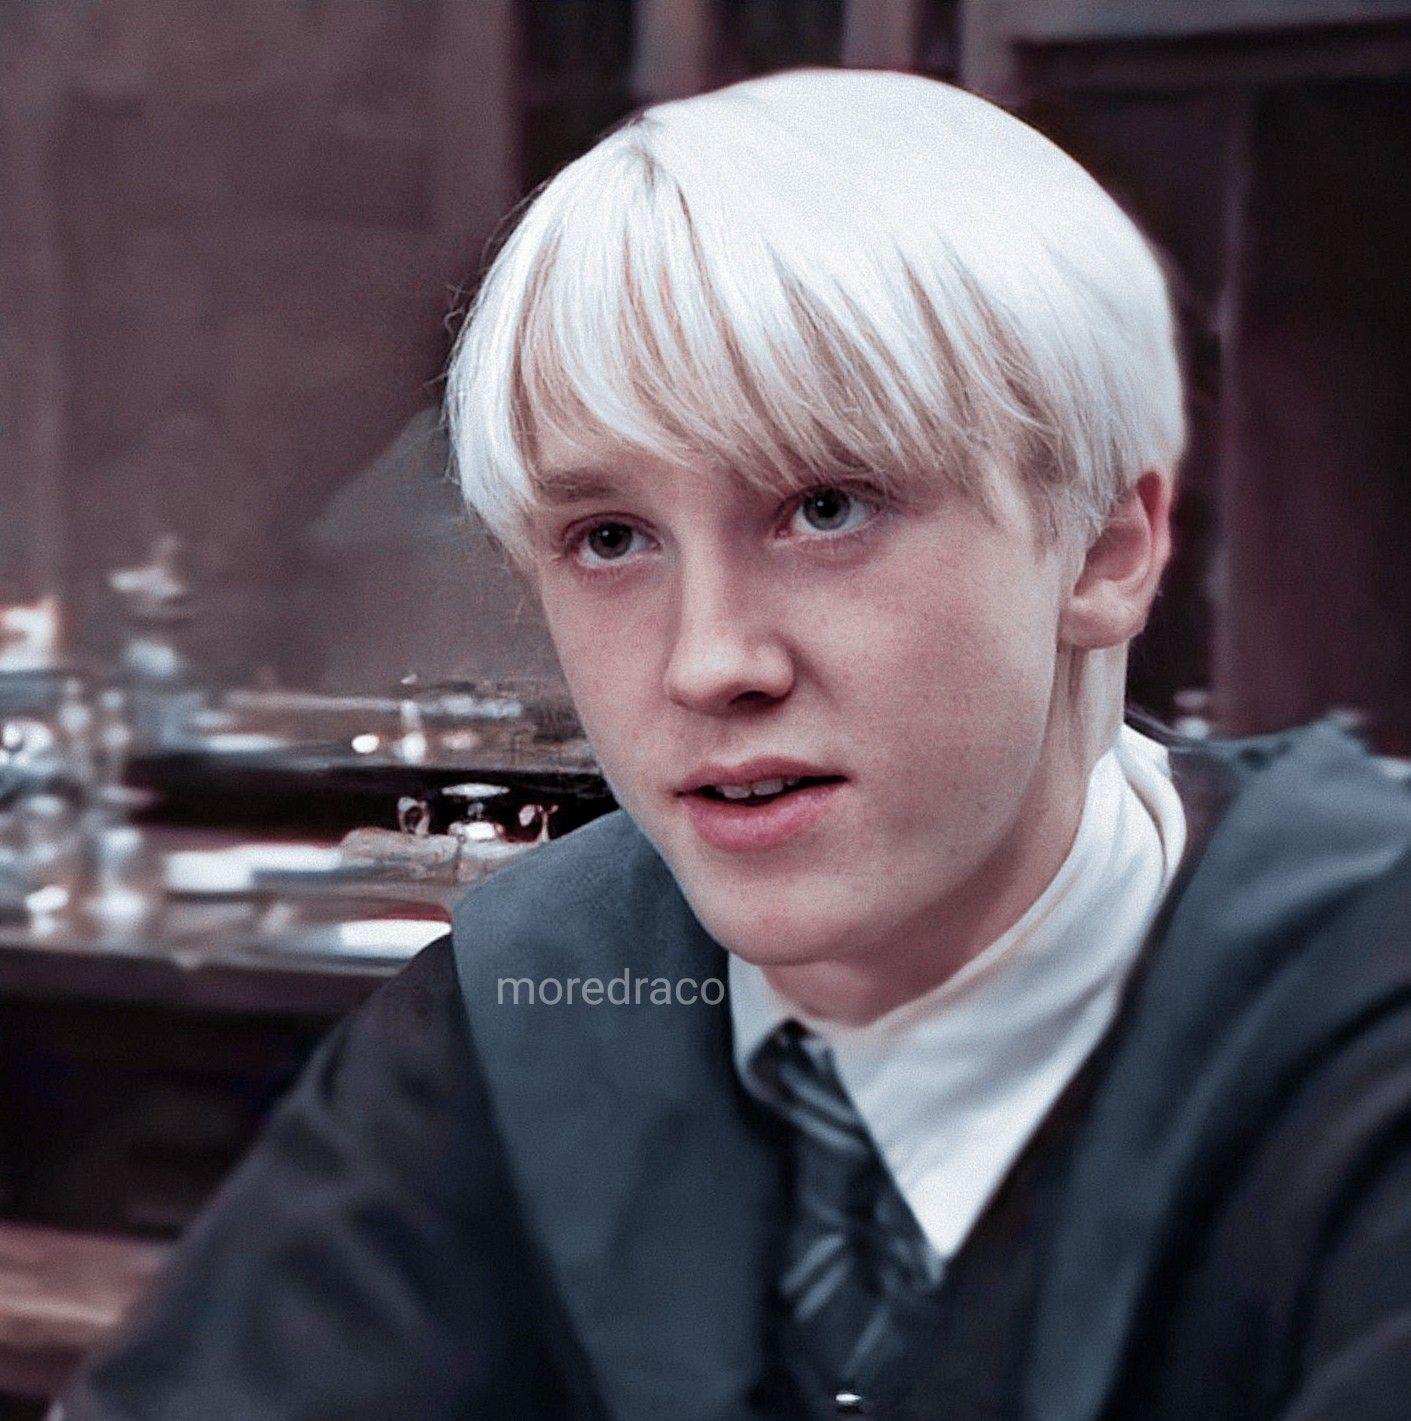 Draco Malfoy Draco Malfoy Tom Felton Draco Malfoy Draco